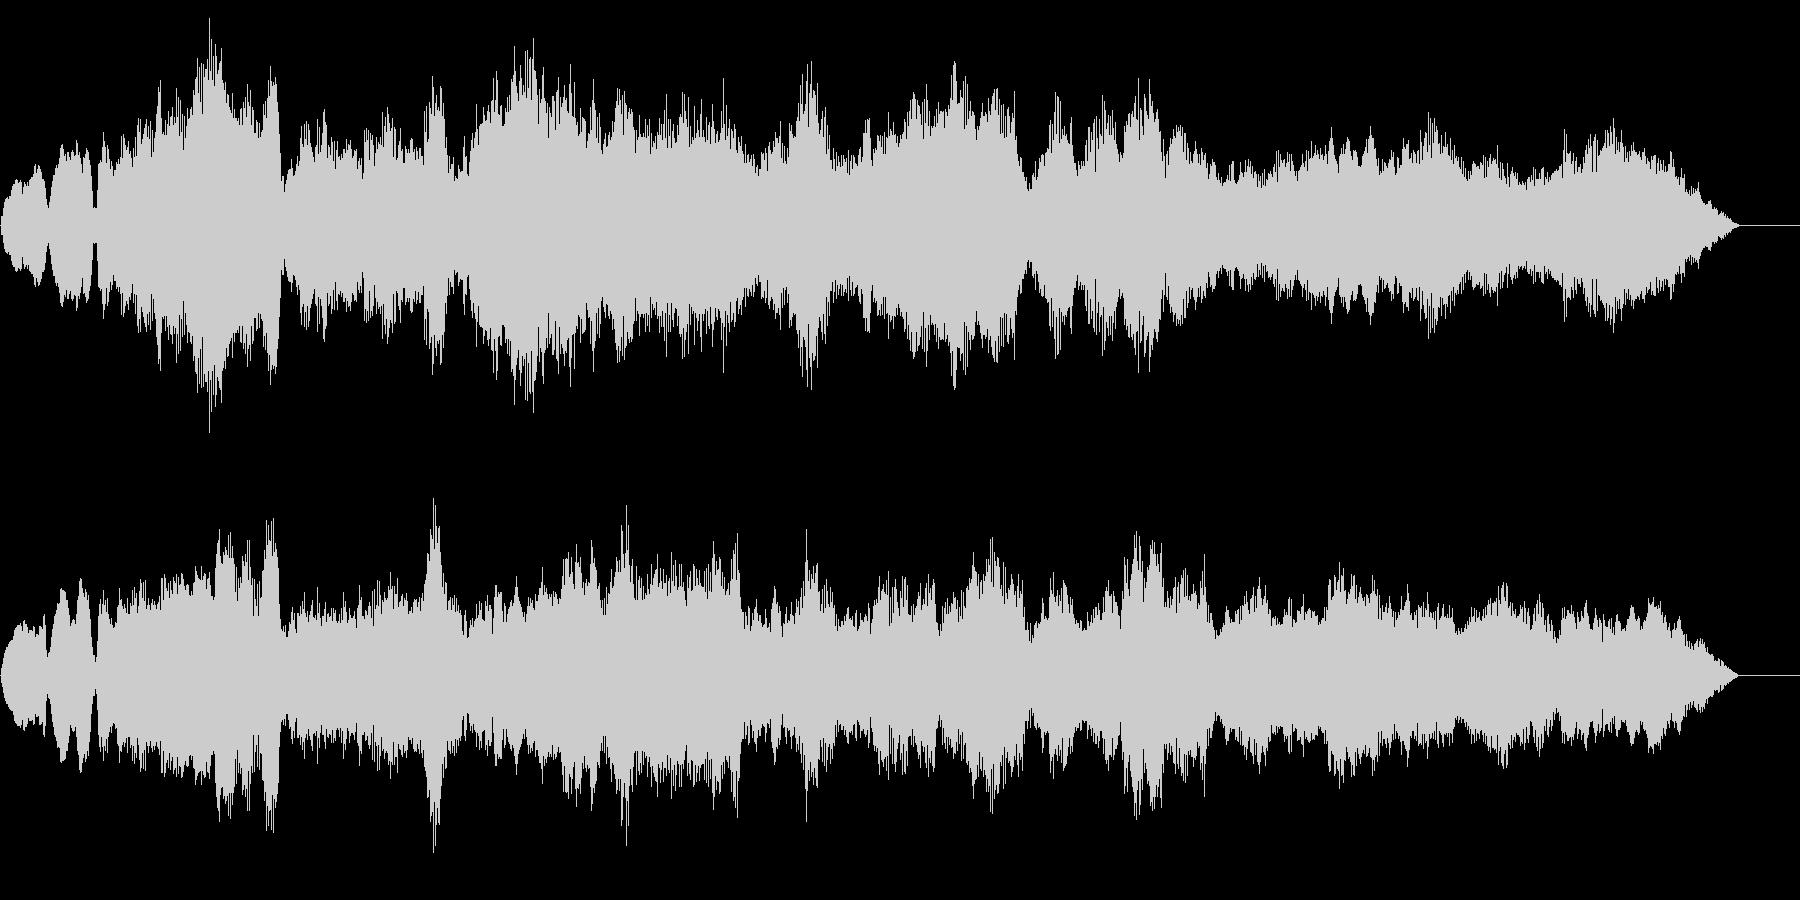 オーケストラで雰囲気があるBGMの未再生の波形